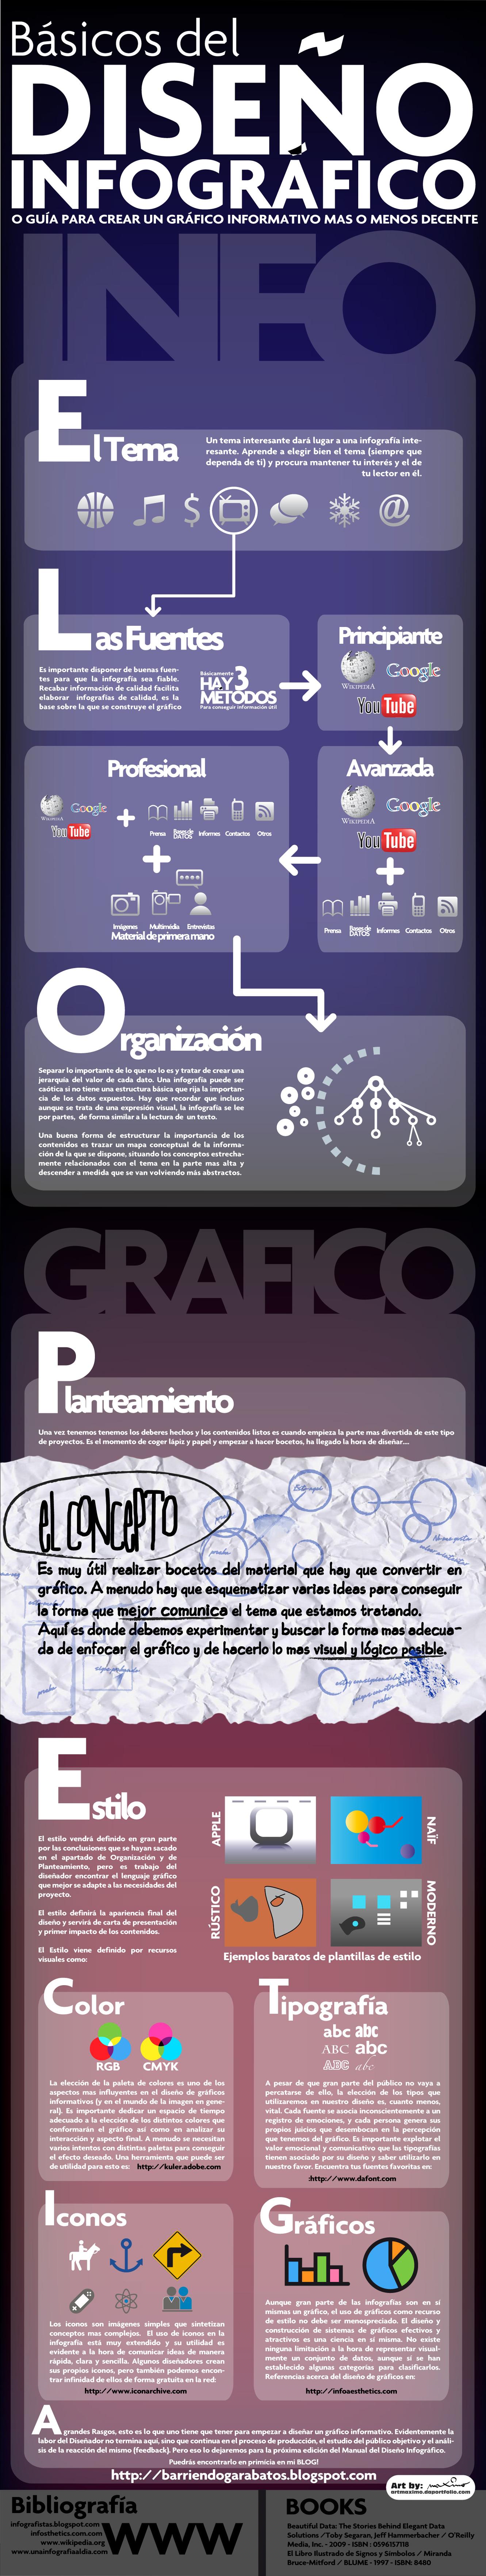 creación de una infografía